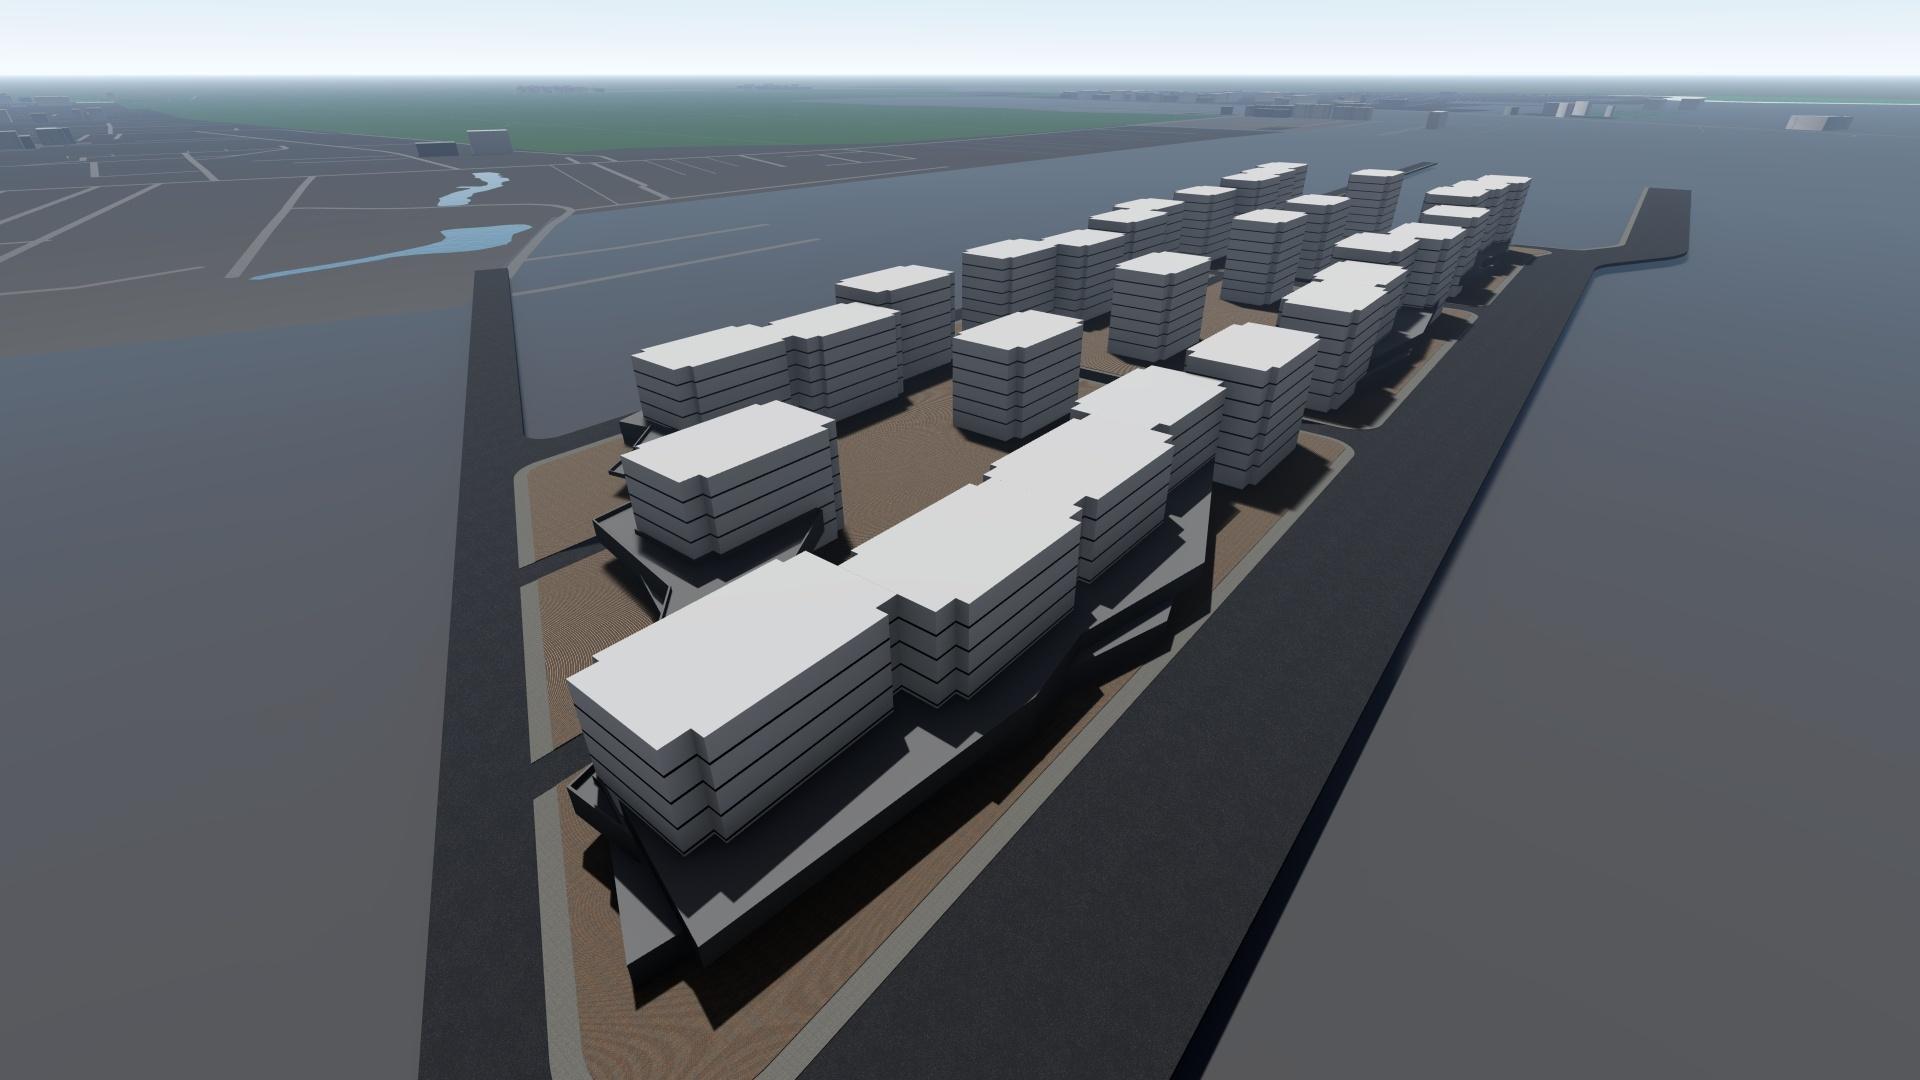 Elaborare PUZ pentru stabilire zonificare funcțională în vederea construirii unor imobile construcții cu destinația locuințe colective, spații servicii, împrejmuire